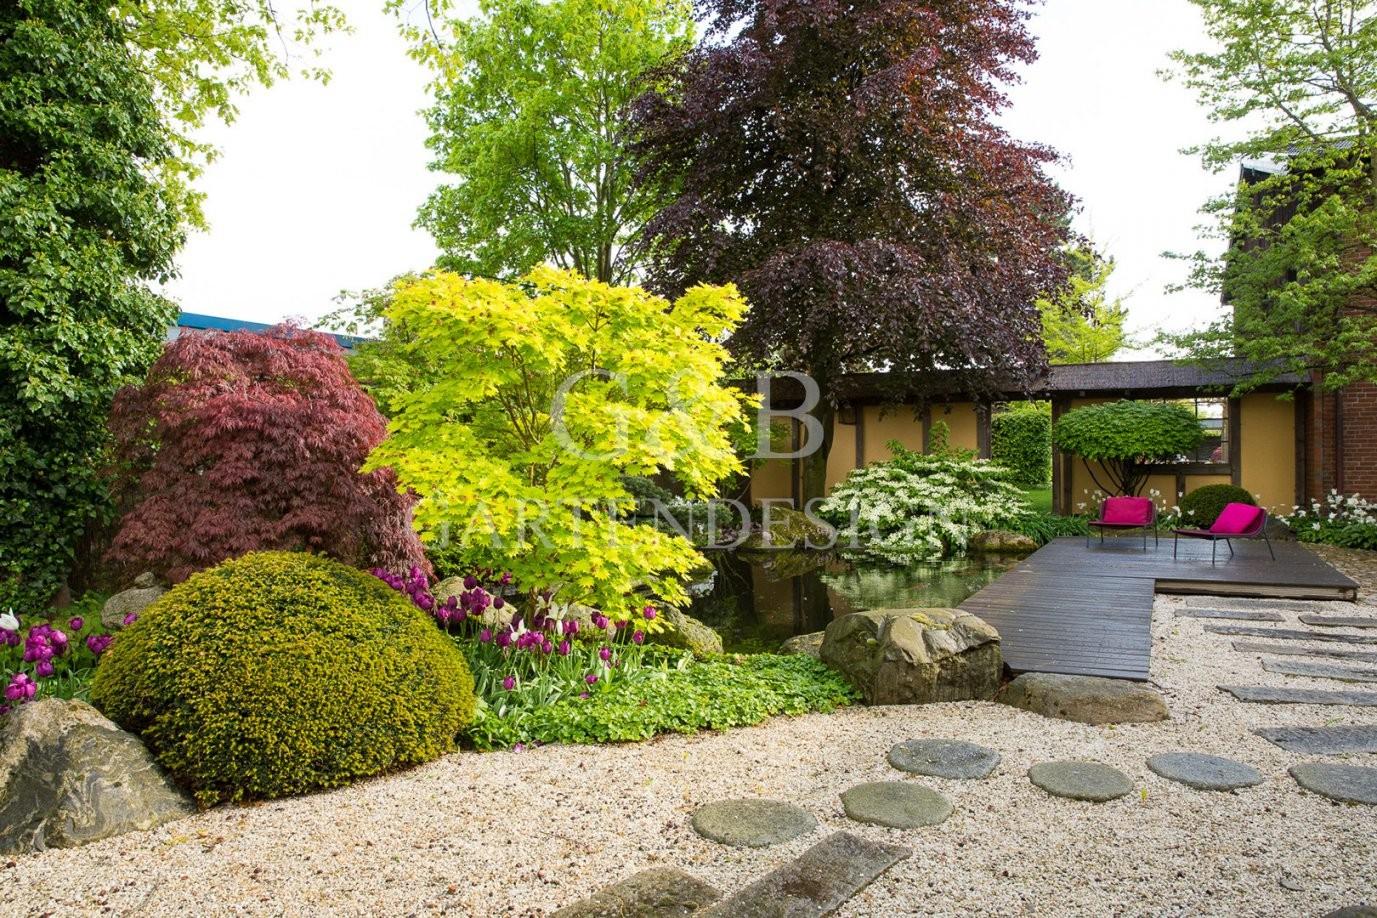 8 Innovativ Pflanzen Fur Japanischen Garten Bilder  Vorteiles von Pflanzen Für Japanischen Garten Photo